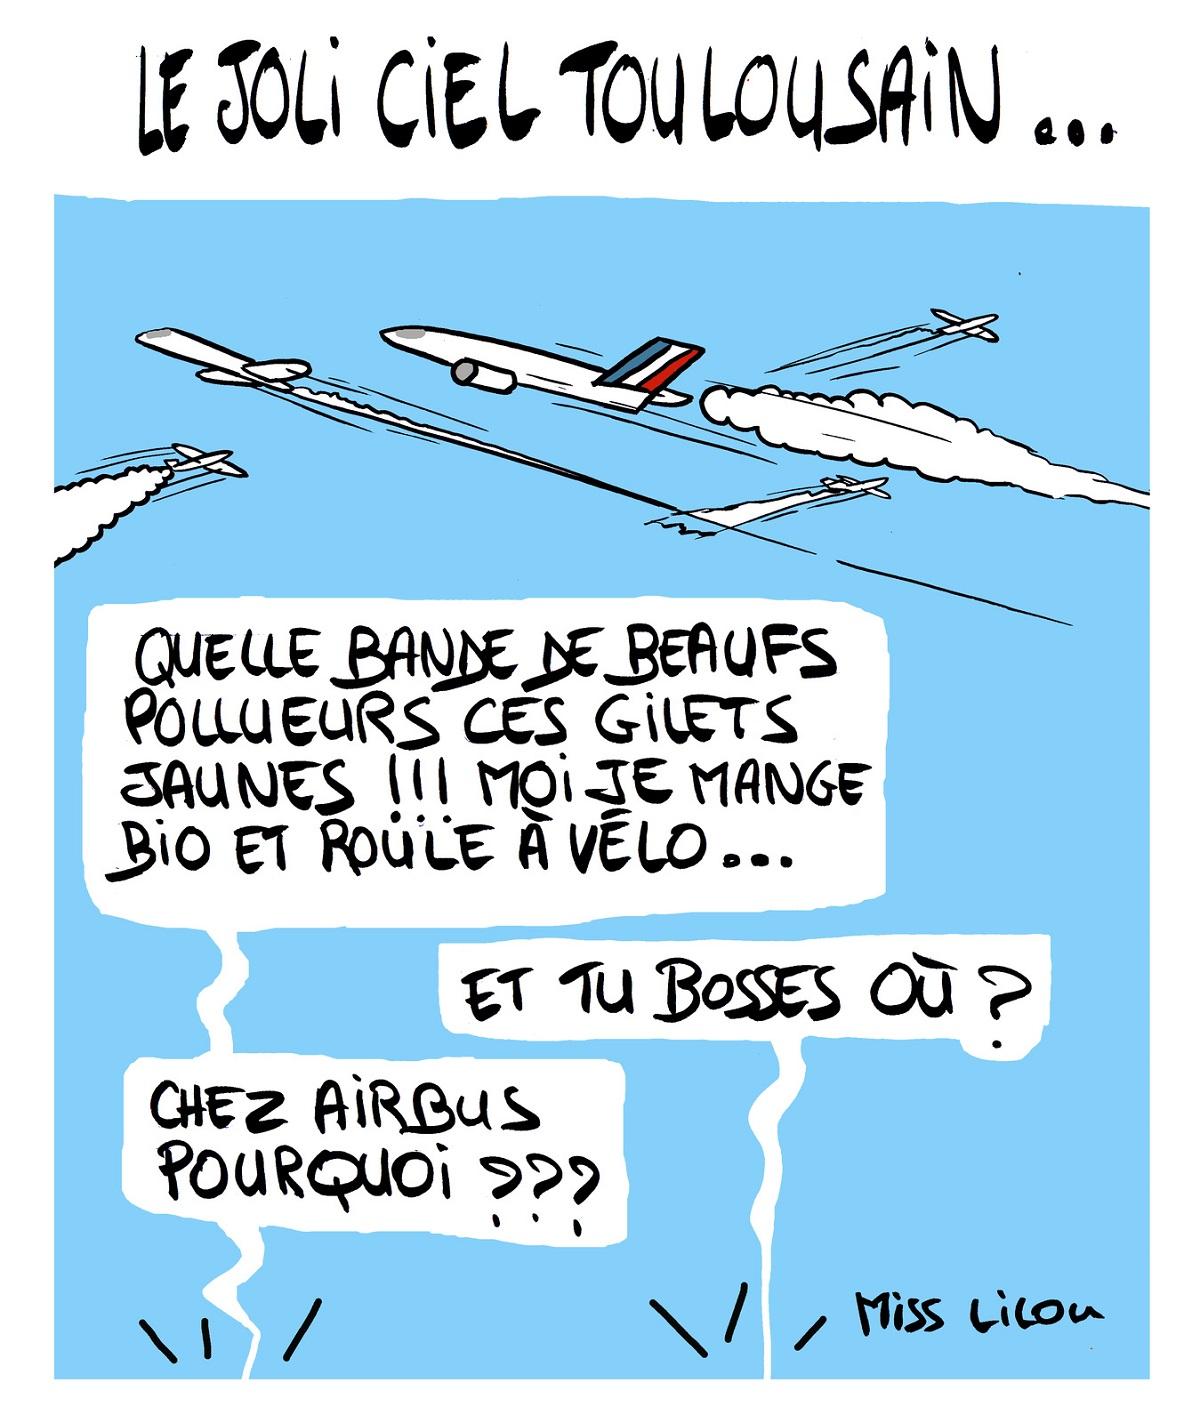 dessin d'actualité humoristique sur les gilets jaunes et la pollution du kérosène des avions